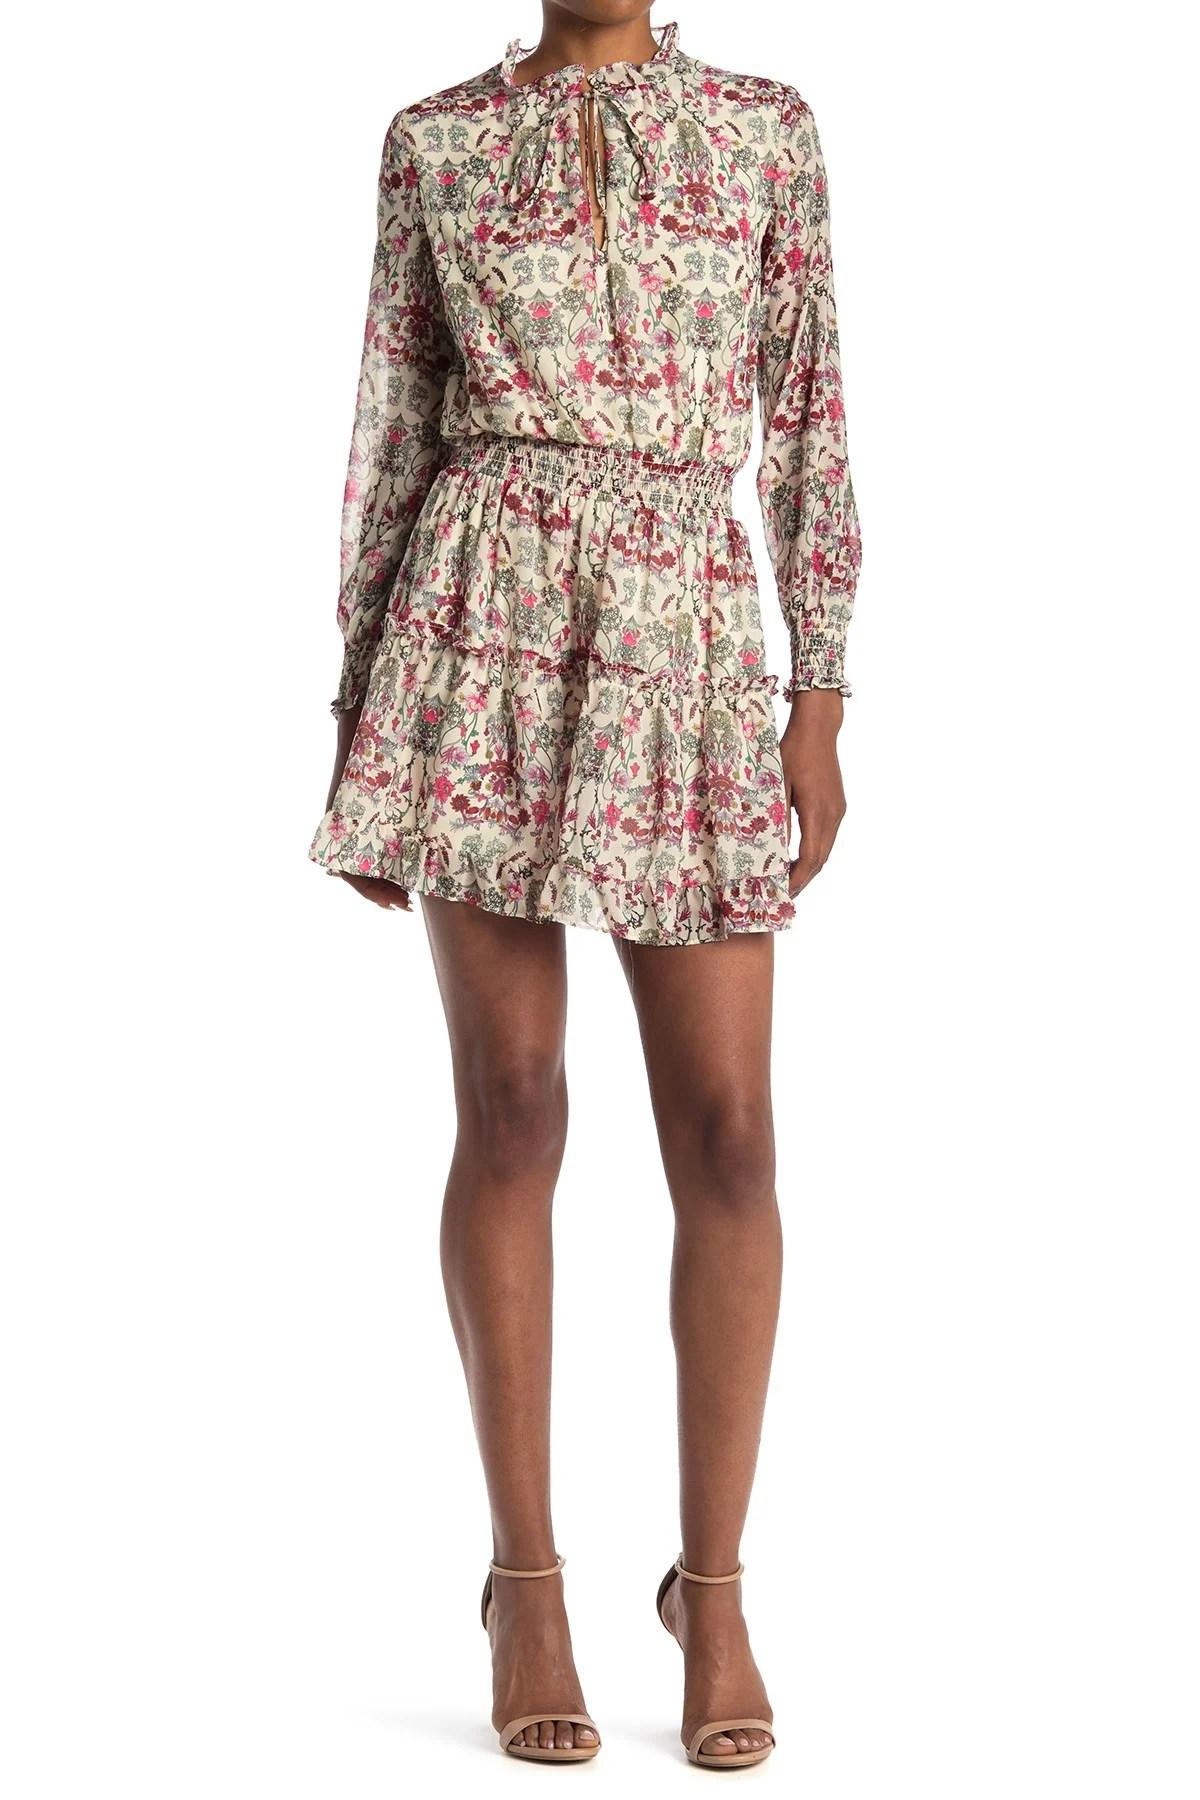 nordstrom rack sale 11 dresses for